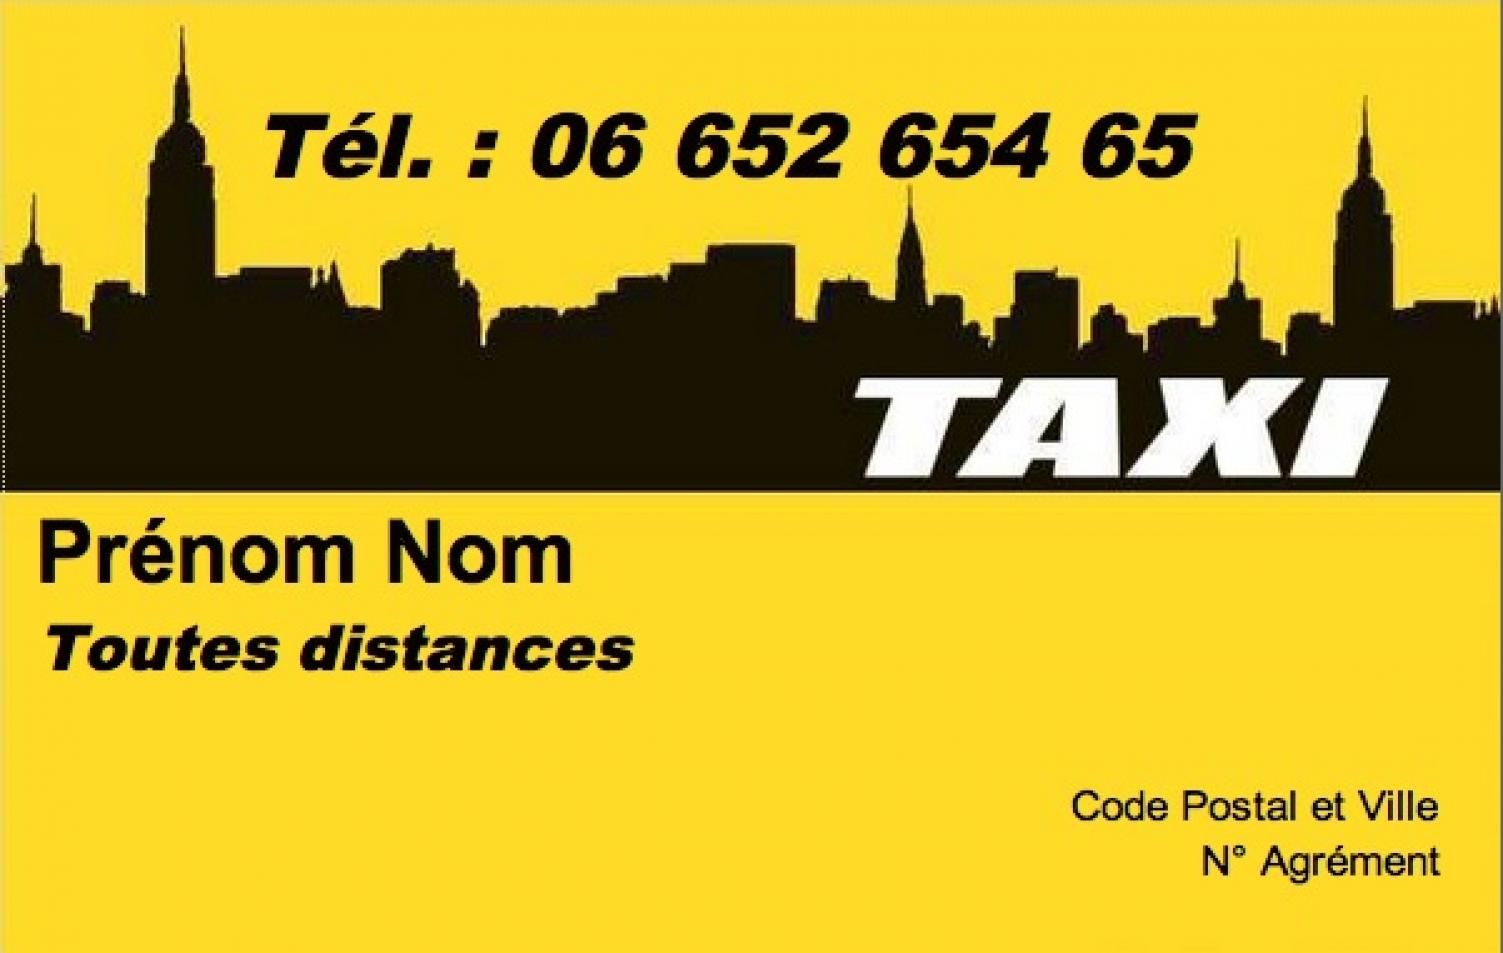 Carte de visite taxi mod le gratuit imprimer fond jaune ville - Carte de visite gratuite sans frais de port ...